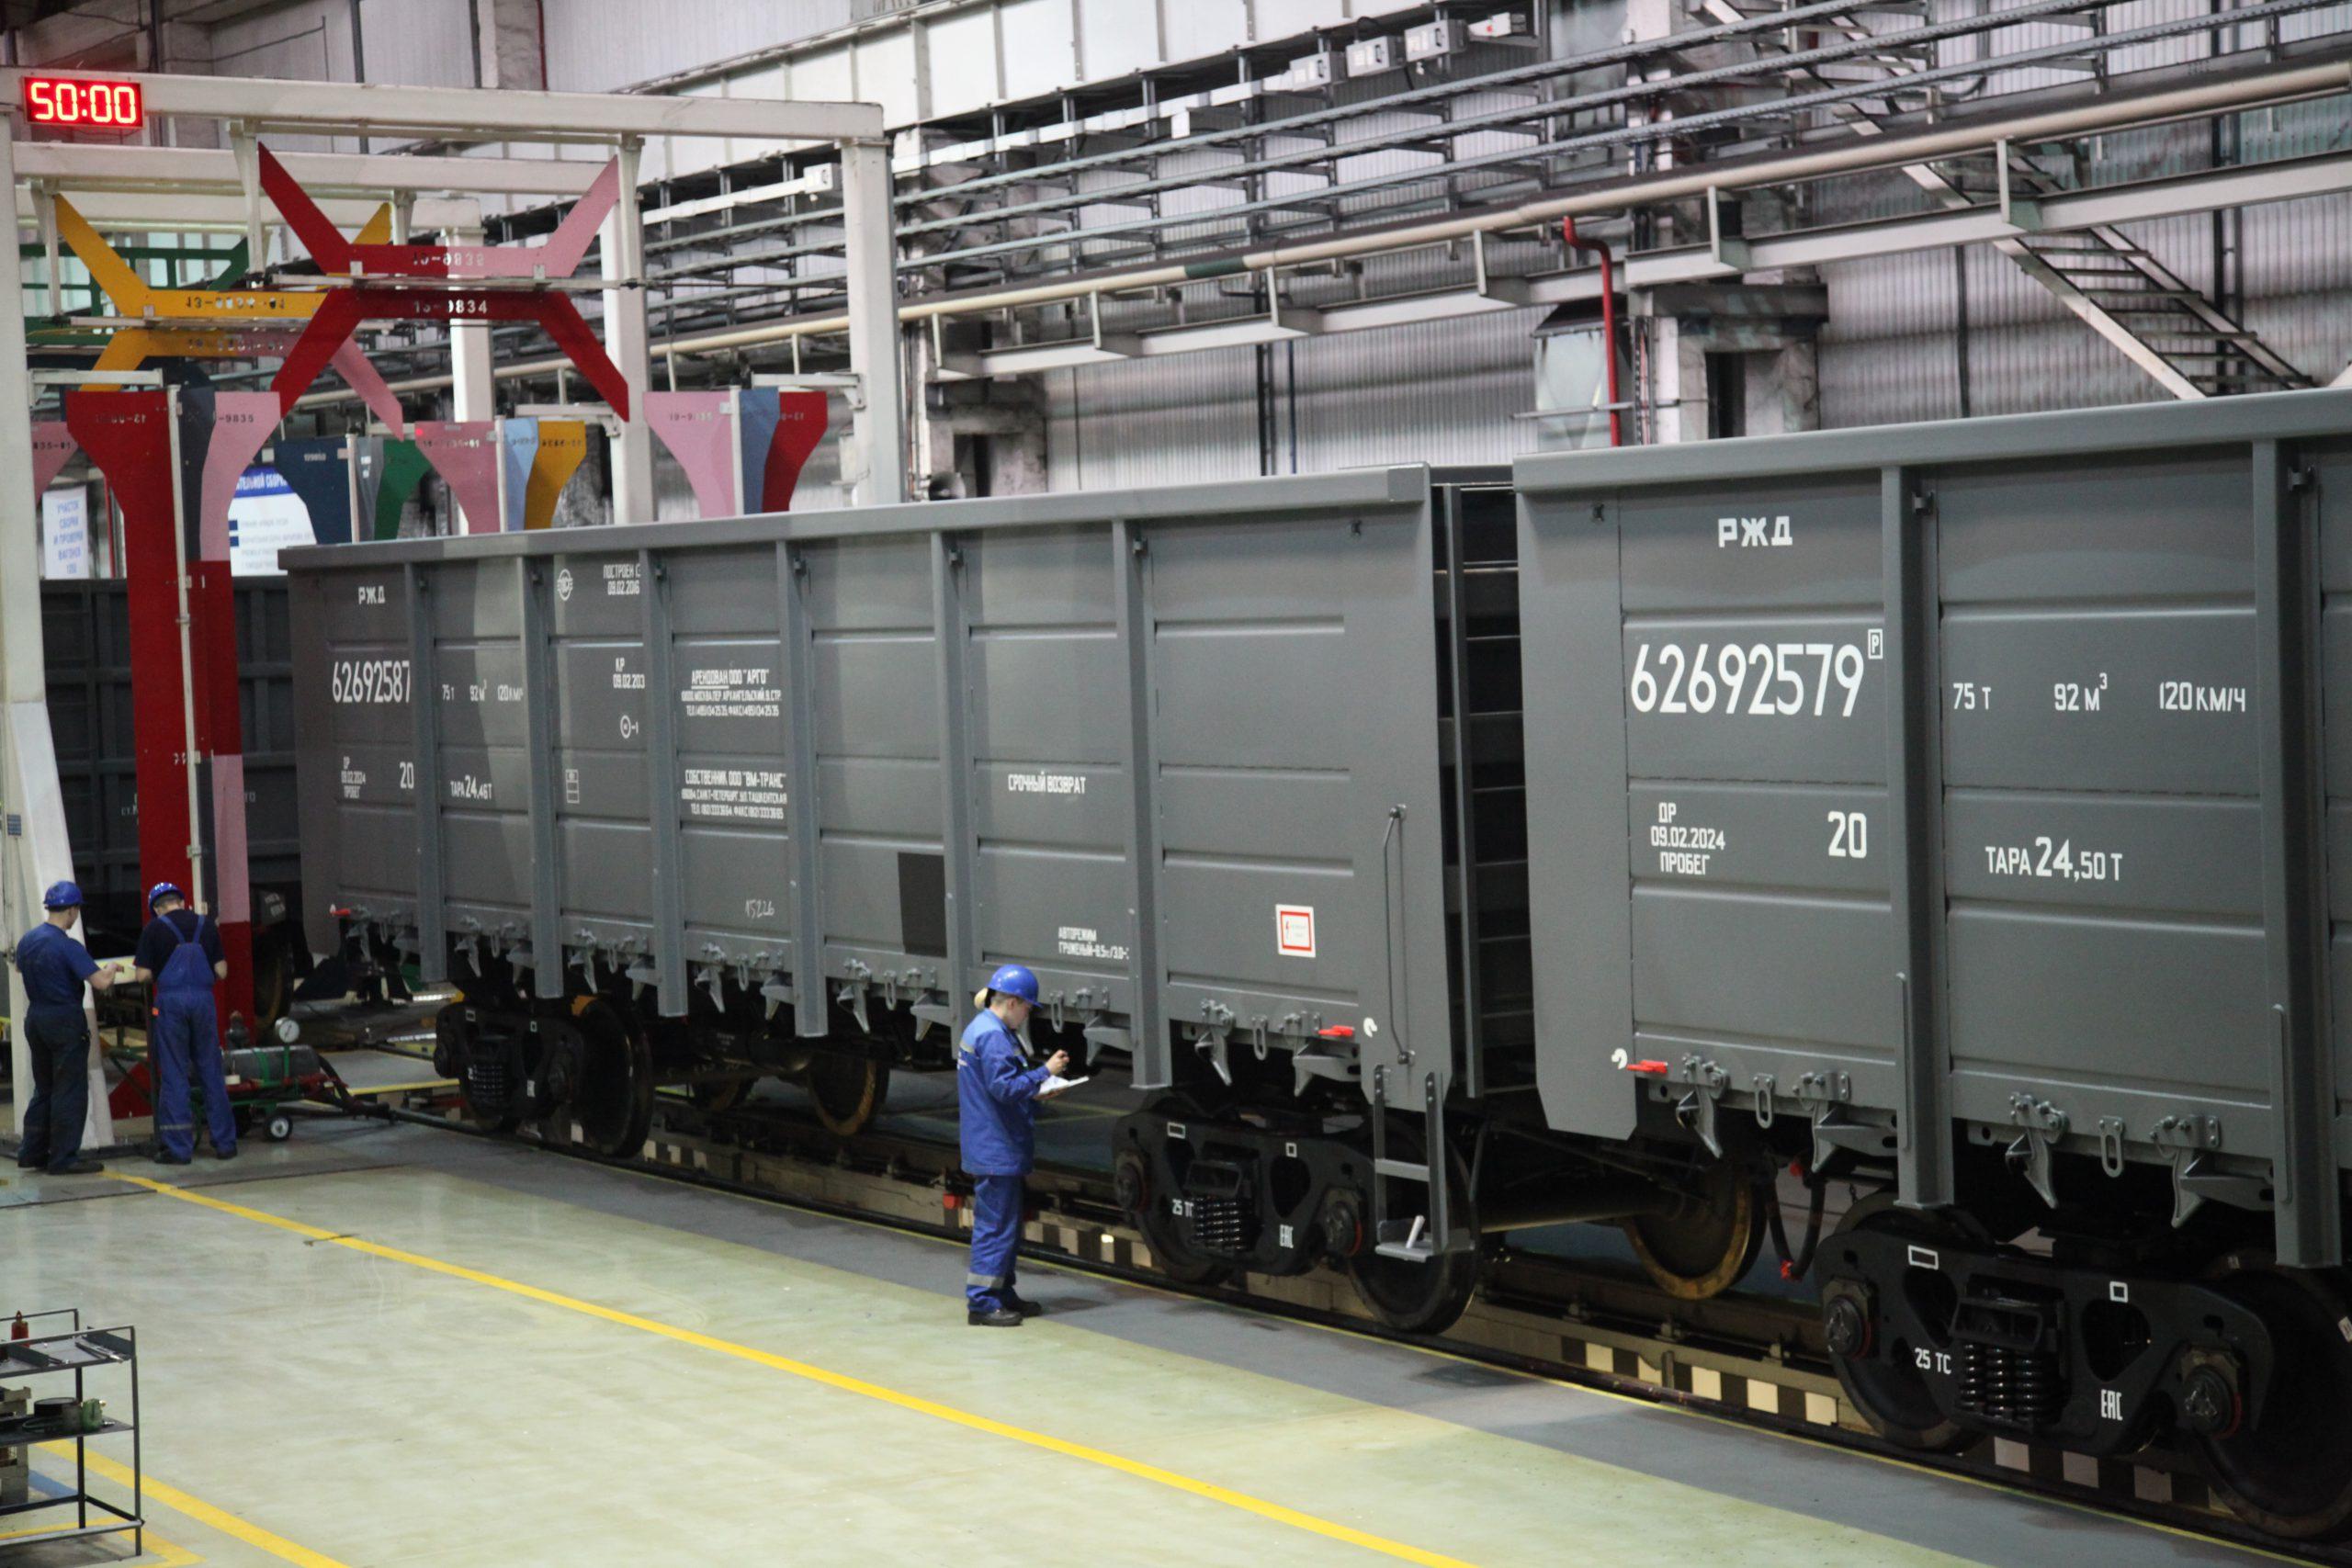 Estensione del contratto con una compagnia ferroviaria russa